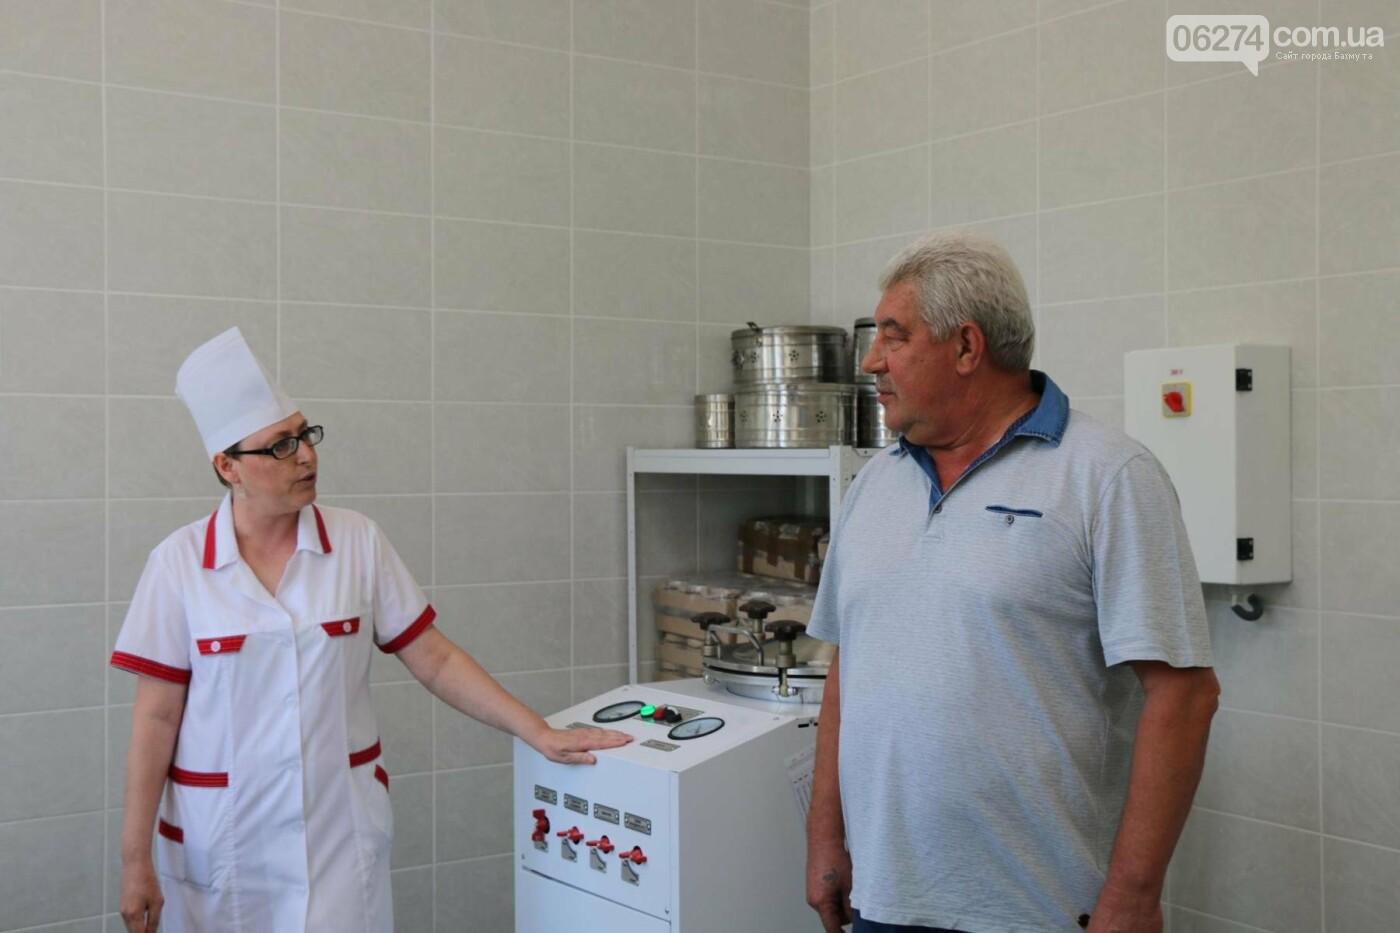 В Бахмуте презентовали современную бактериологическую лабораторию, фото-13